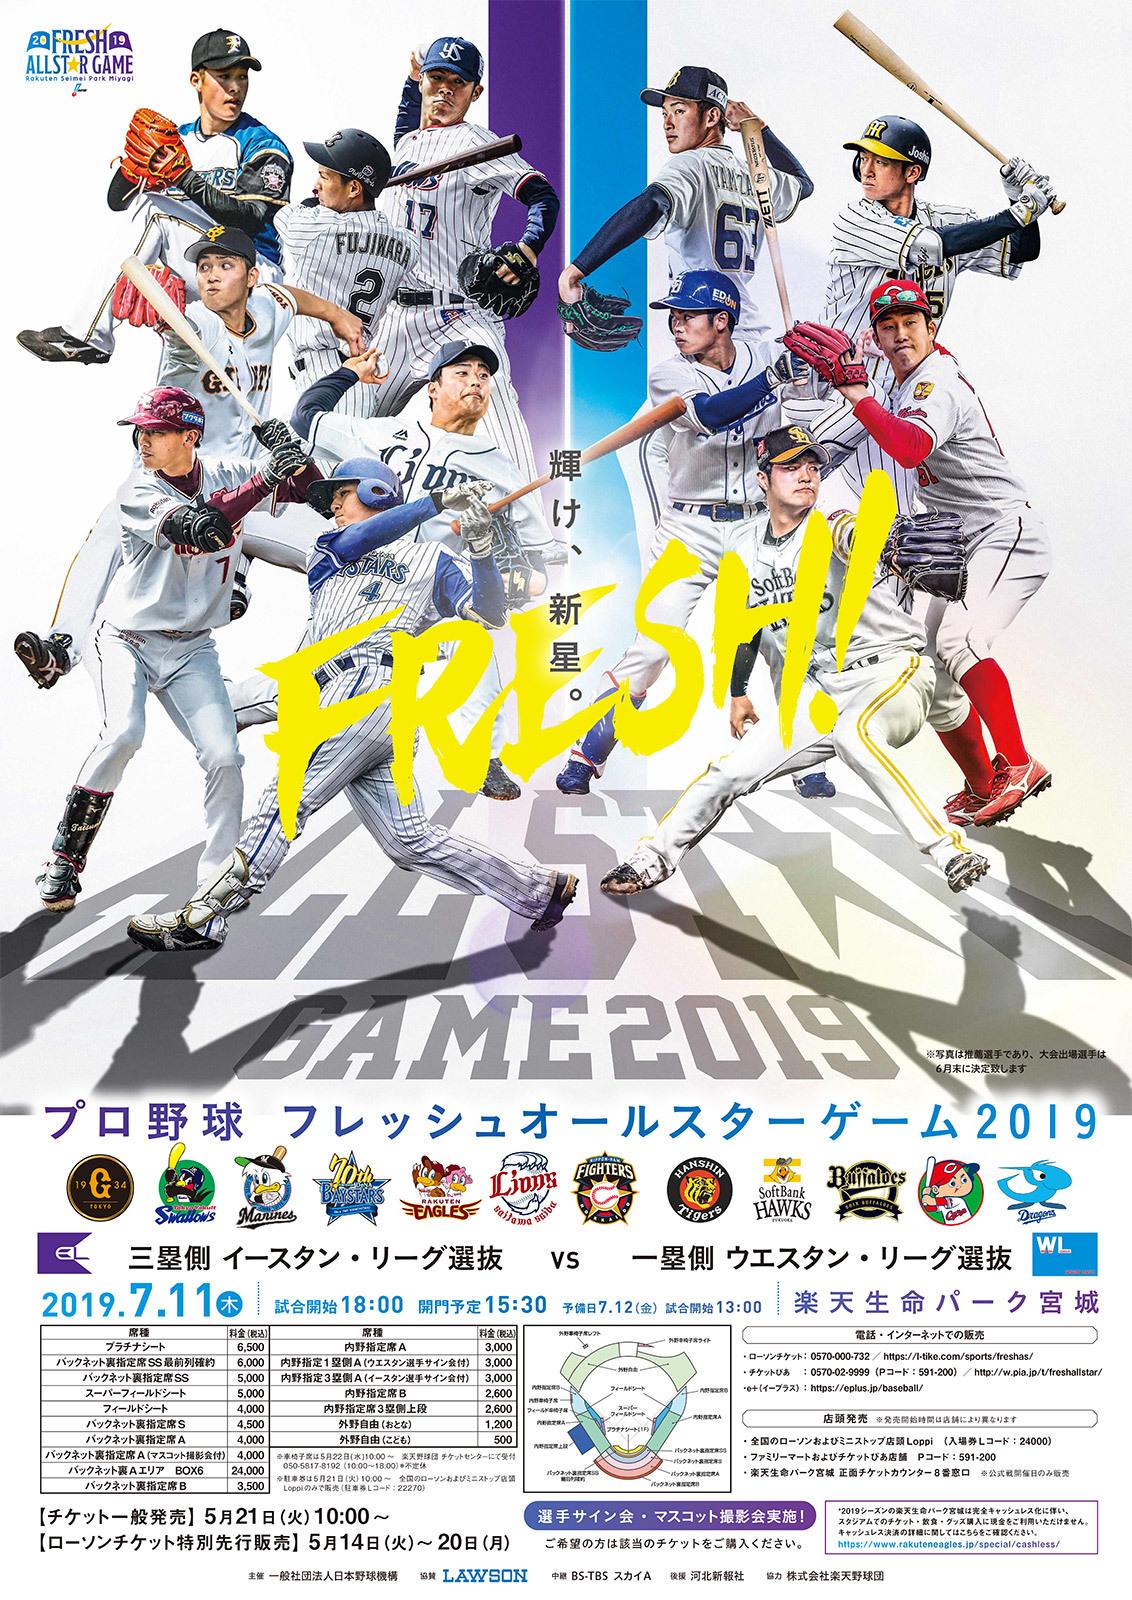 『プロ野球フレッシュオールスターゲーム2019』が7月11日(木)に開催される